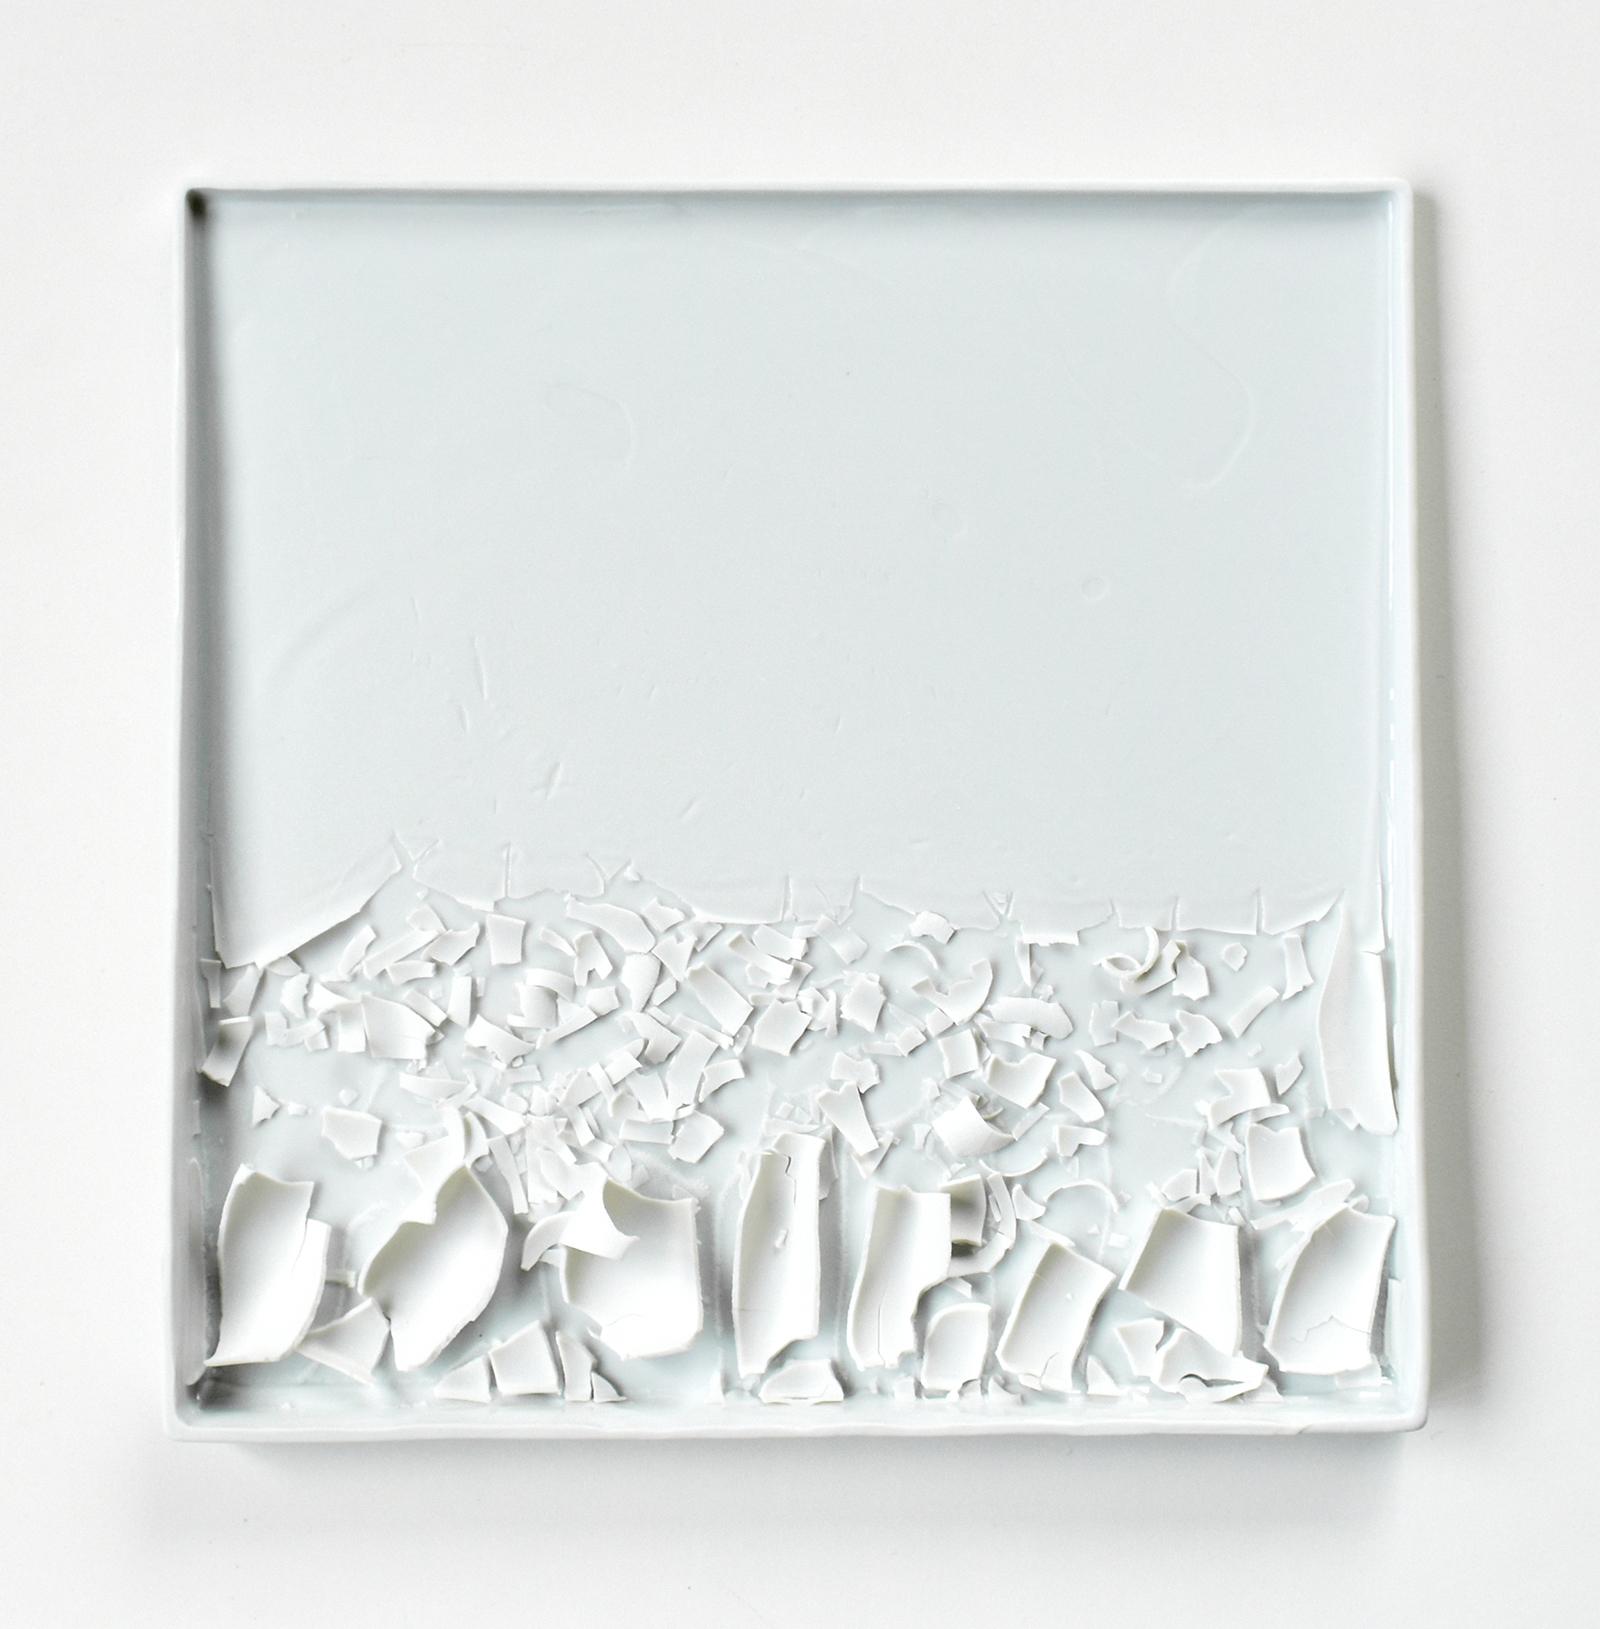 Bending or Cracking  28 x 28 x 2 cm Porcelain